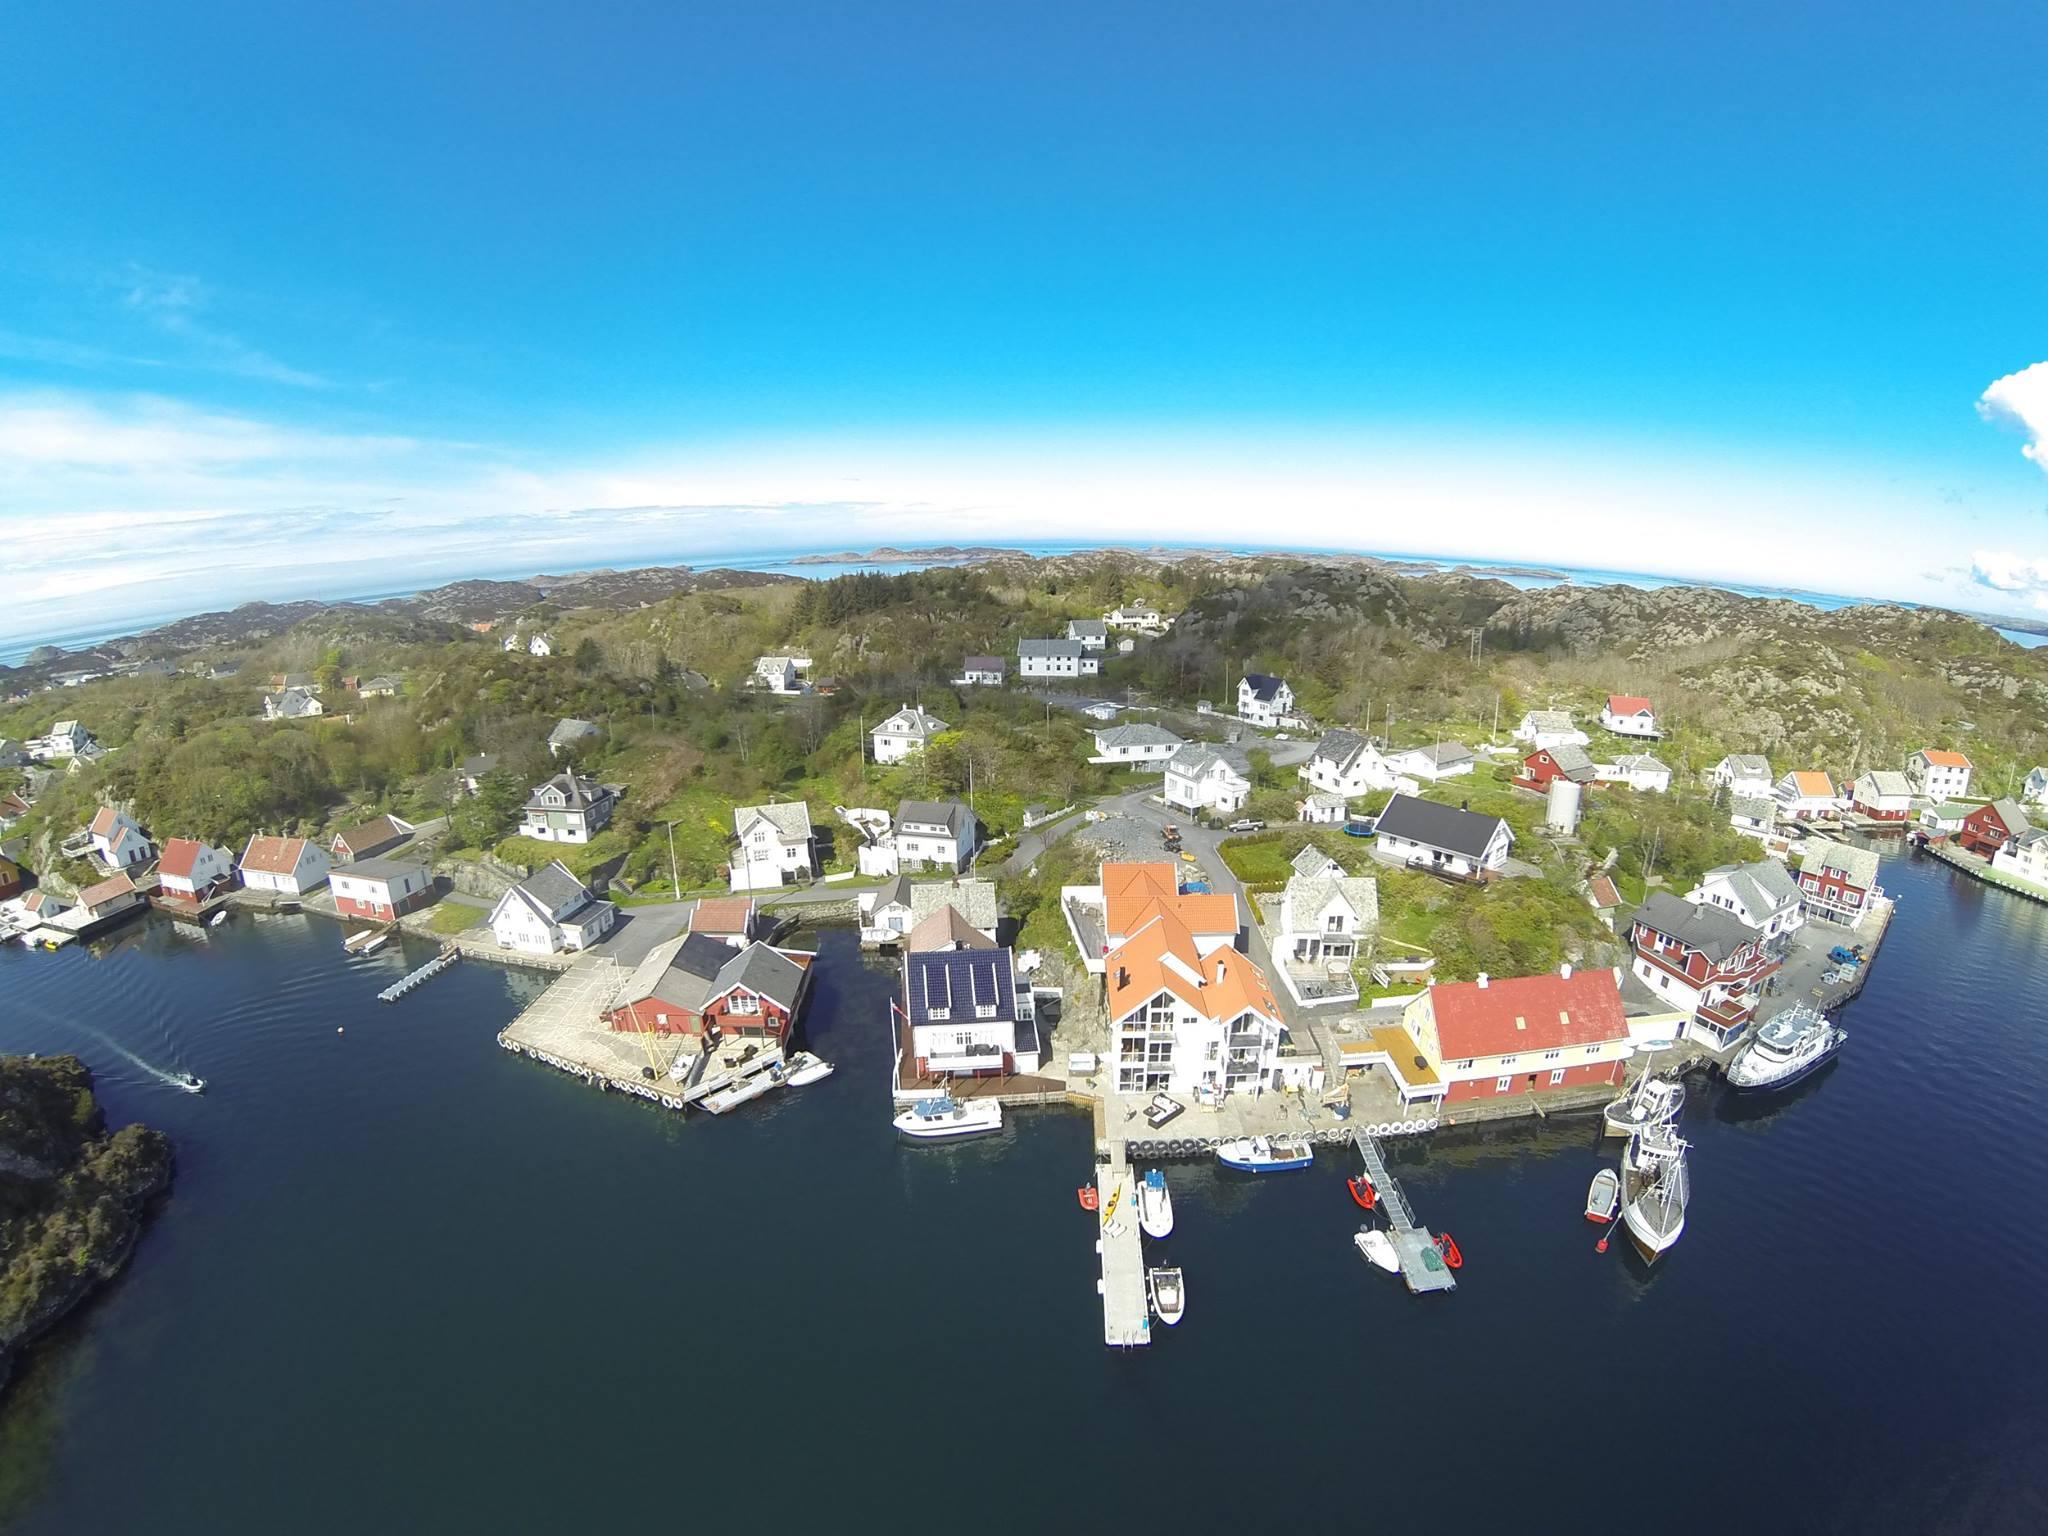 Dronefoto-Espevær.jpg